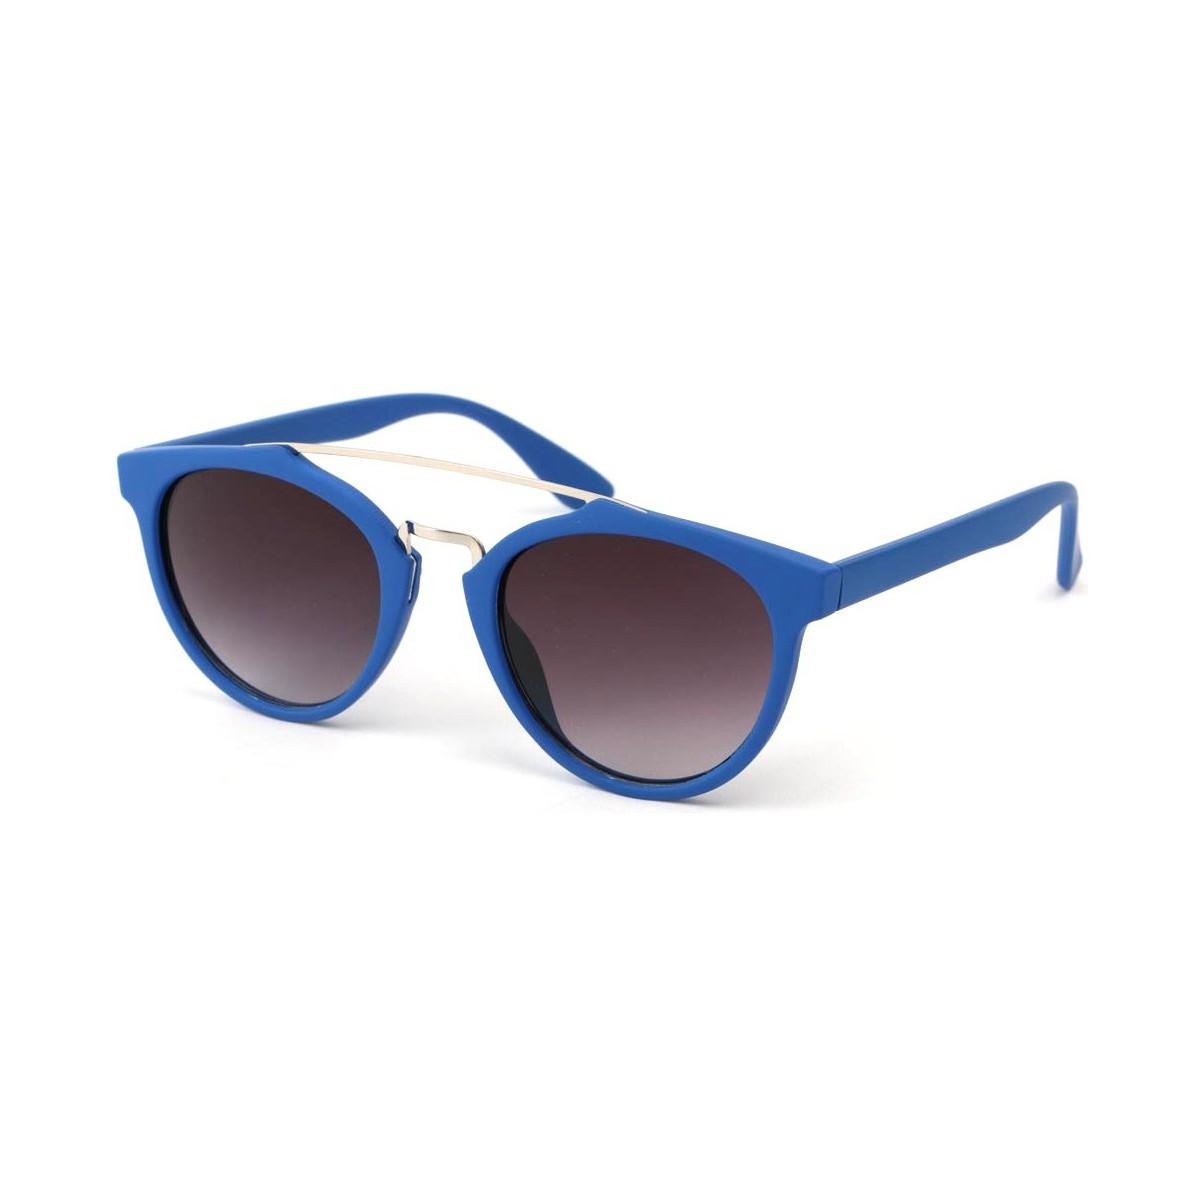 Eye Wear Lunettes Soleil Girl avec monture Bleu Bleu